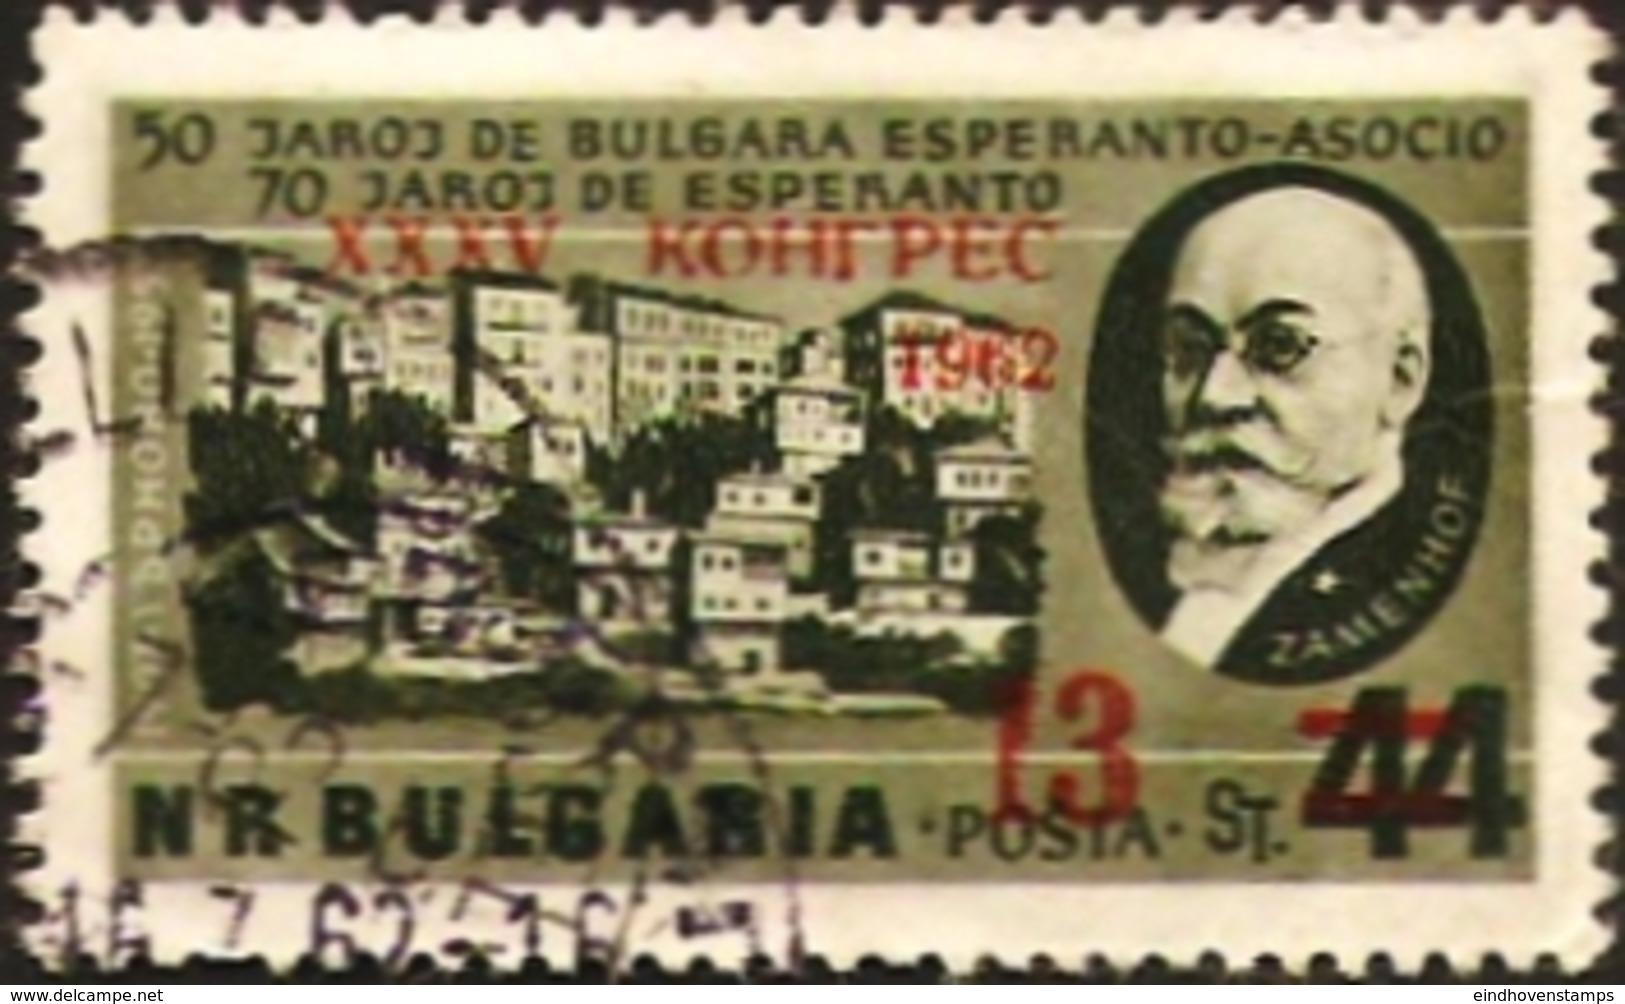 Bulgaria, 1962 Esperanto Congress Overprint On 50 Year Bulgarian Esperanto Society 1  Value Cancelled - Esperanto